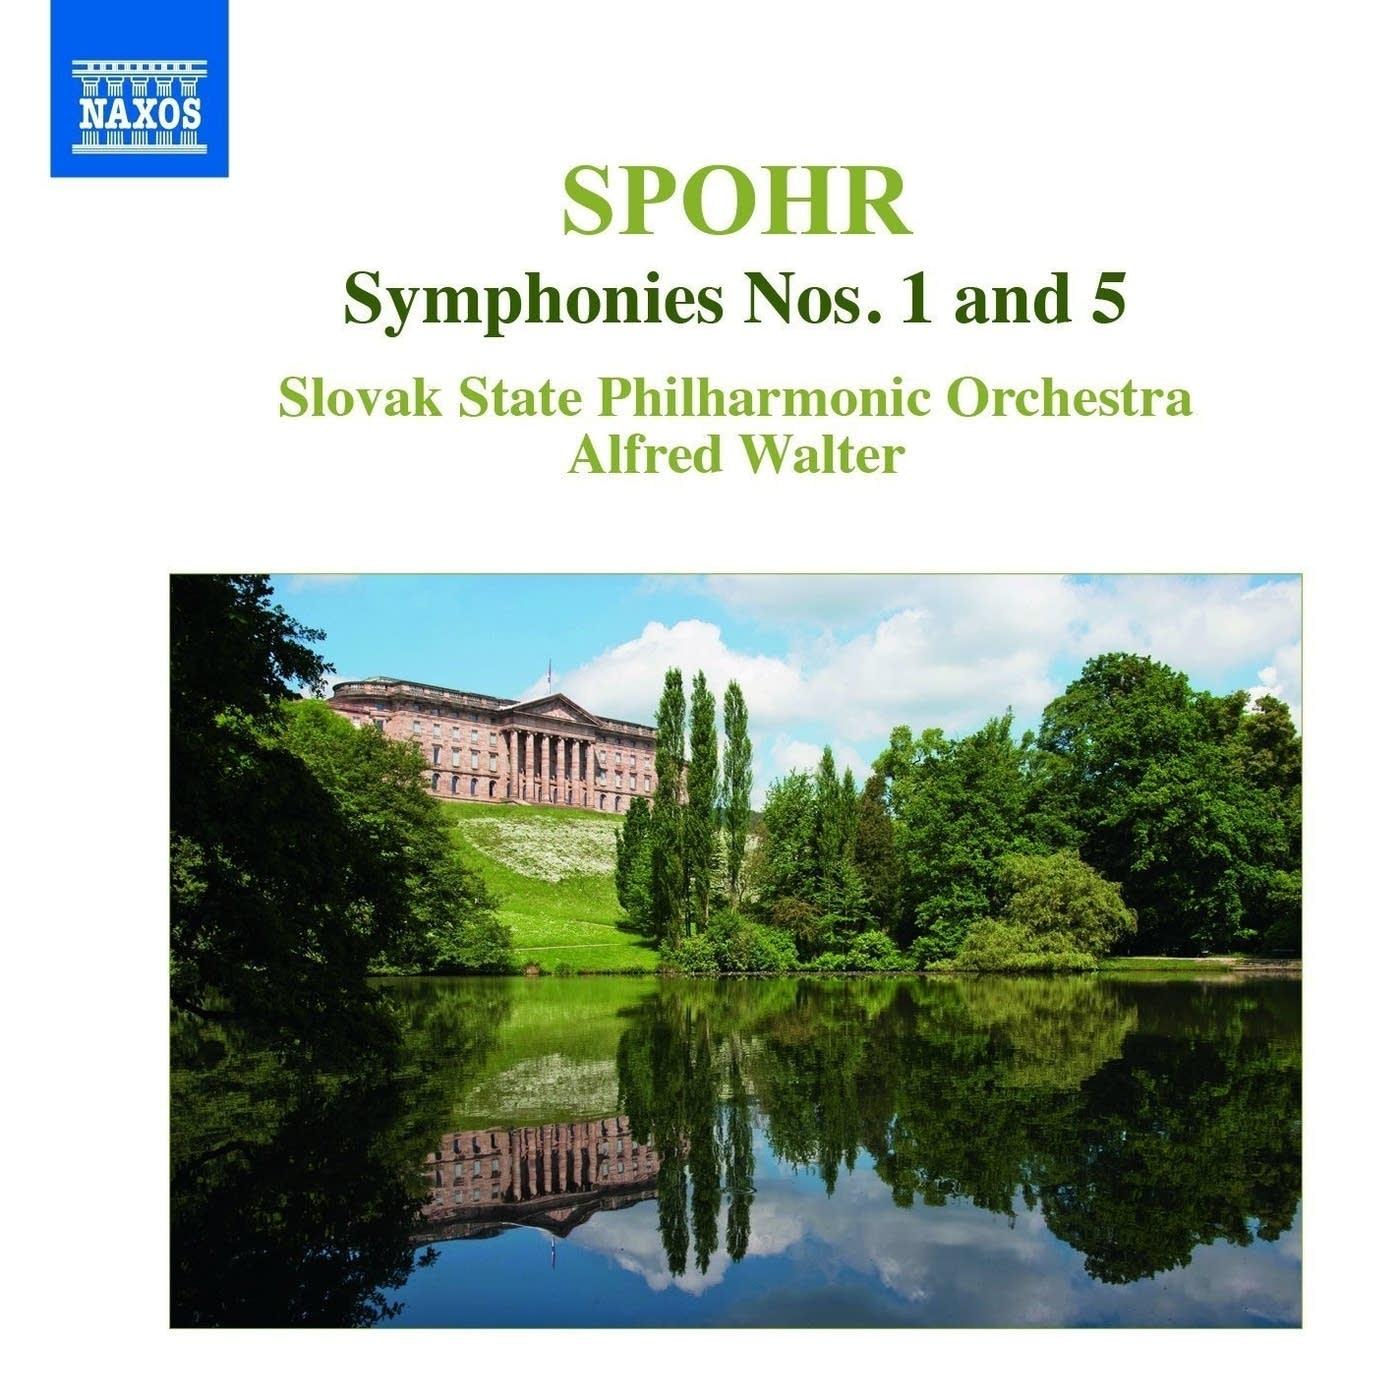 https://img.apmcdn.org/70349400f1c66e14bfb6b145317e38bcd87a6cd0/square/82fe81-20160703-louis-spohr-symphony-no-1-iv-finale.jpg